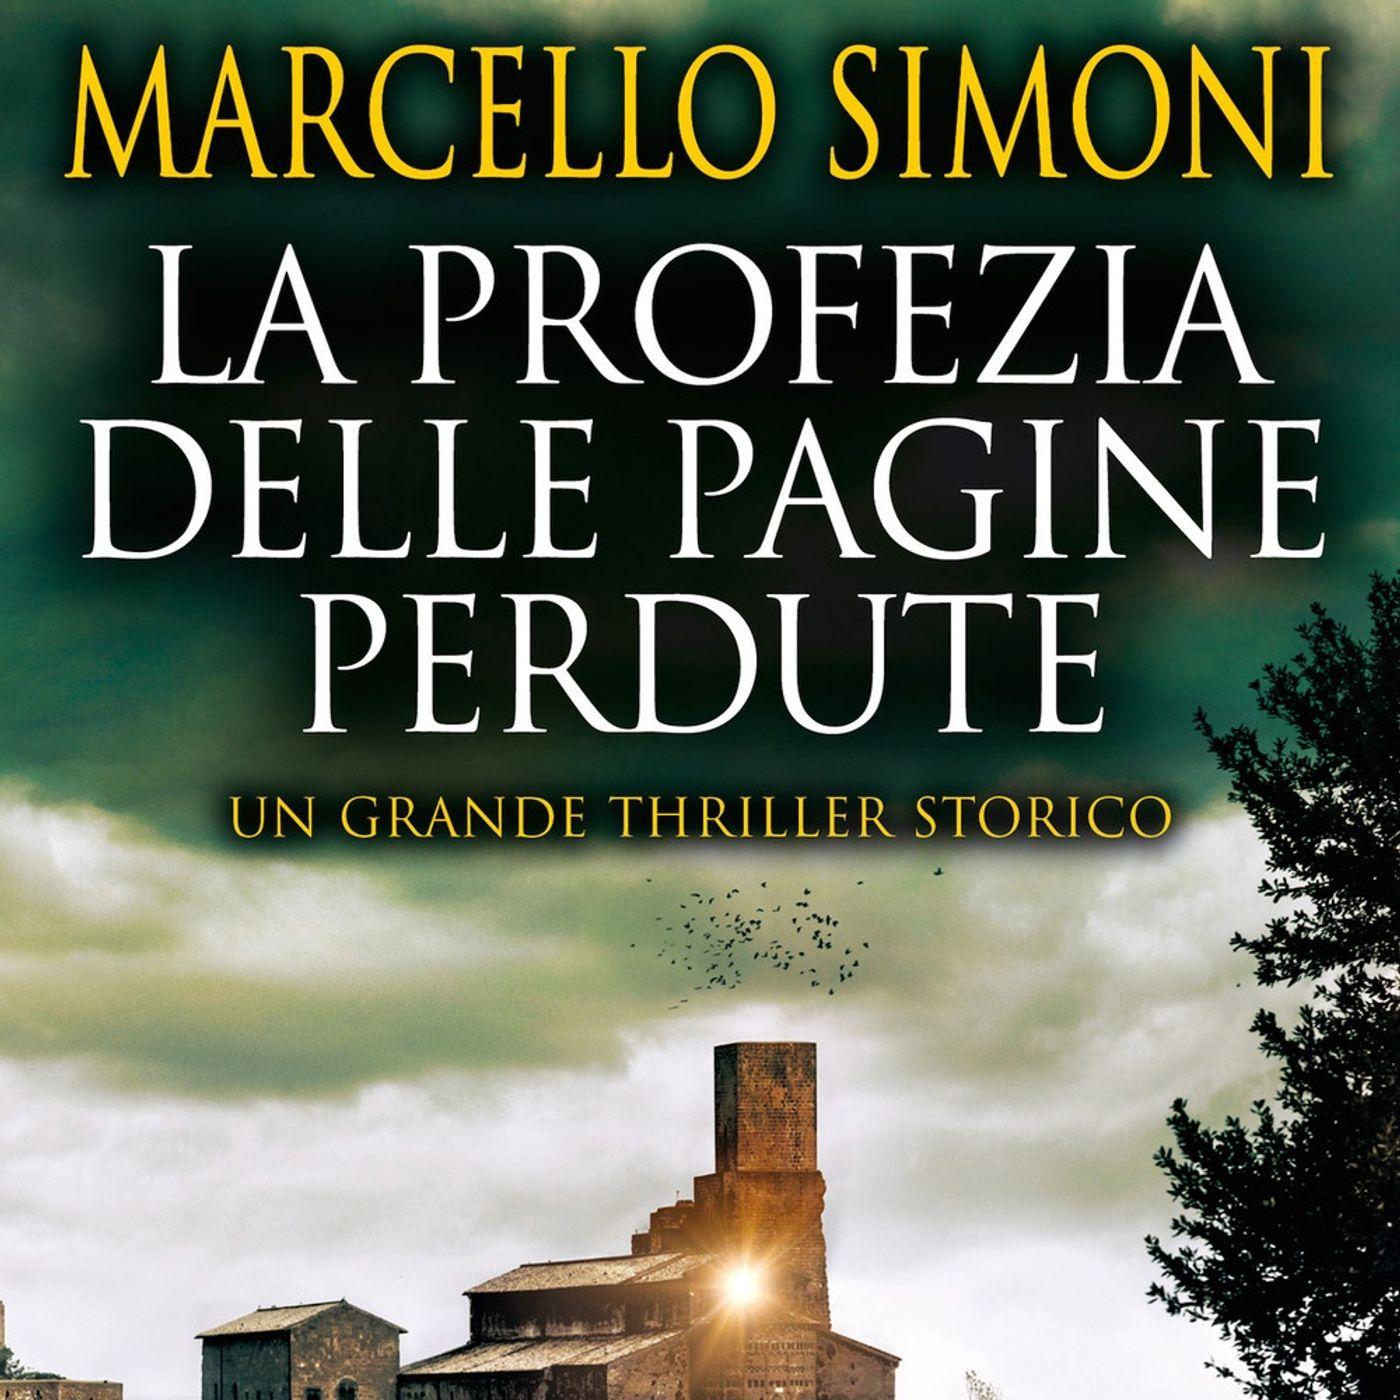 """Marcello Simoni """"La profezia delle pagine perdute"""""""